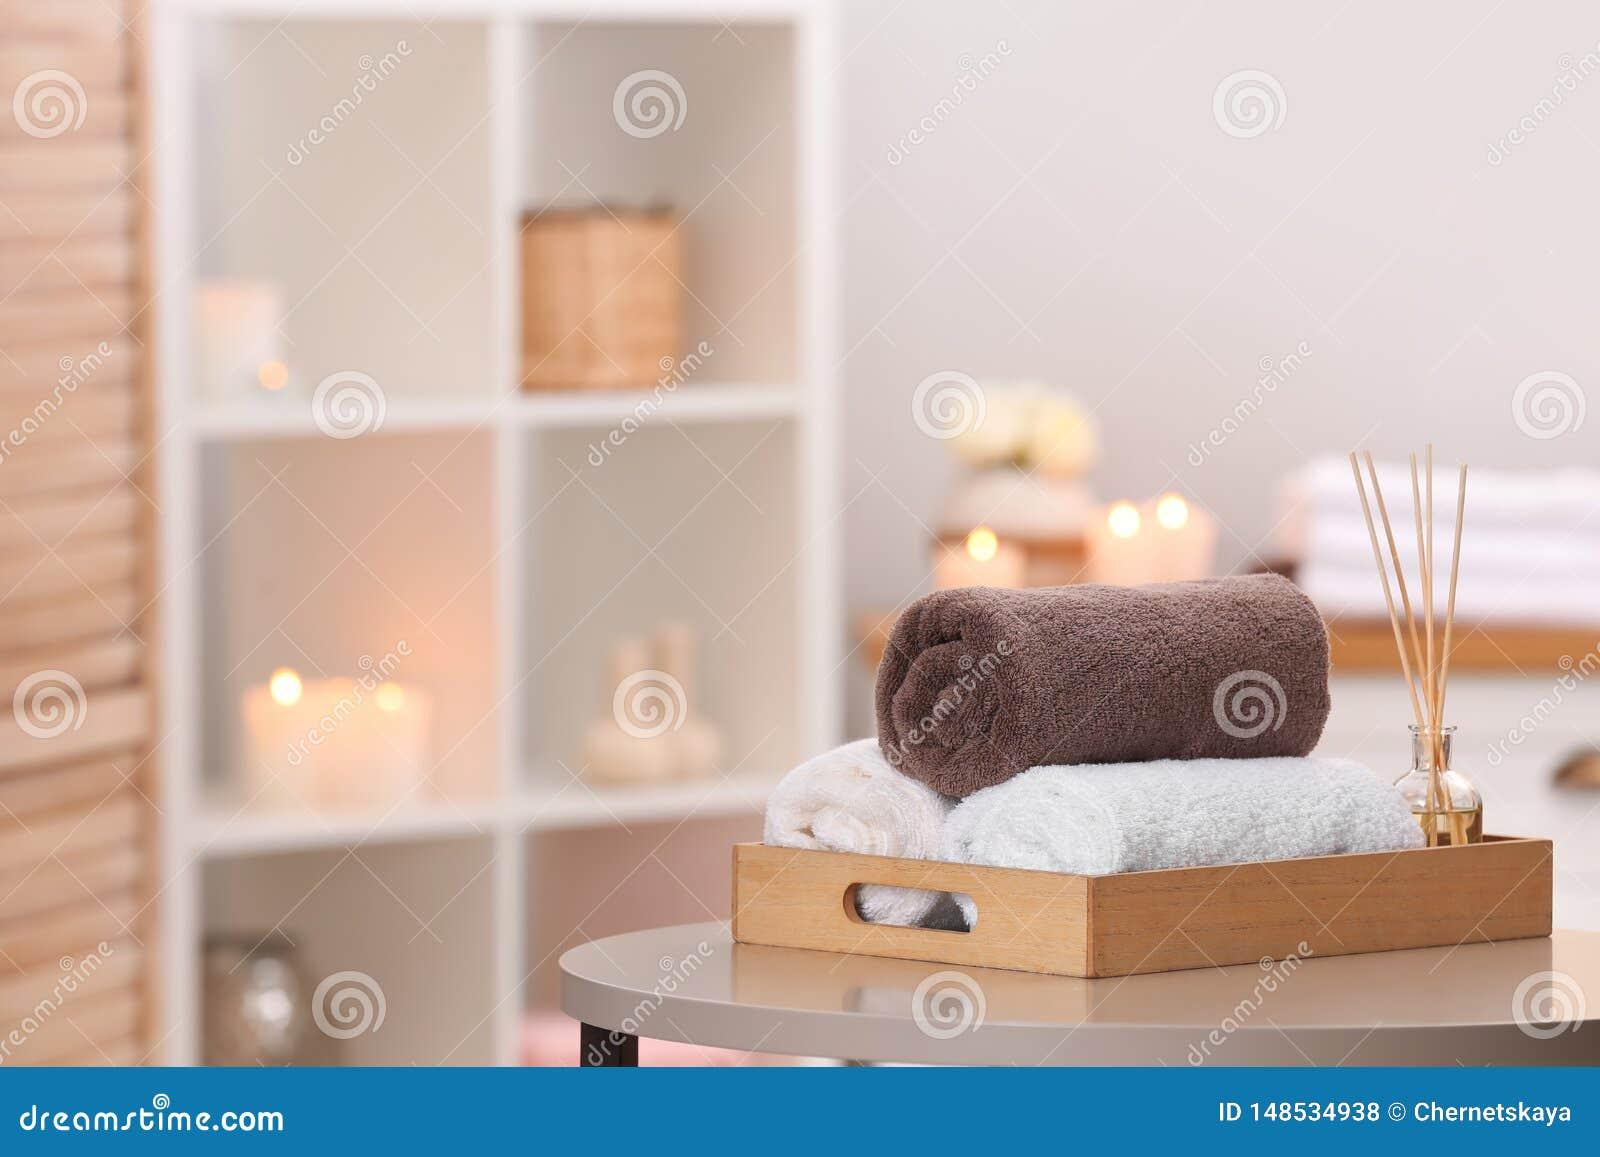 Dienblad met handdoeken en de verfrissing van de rietlucht op lijst in kuuroordsalon